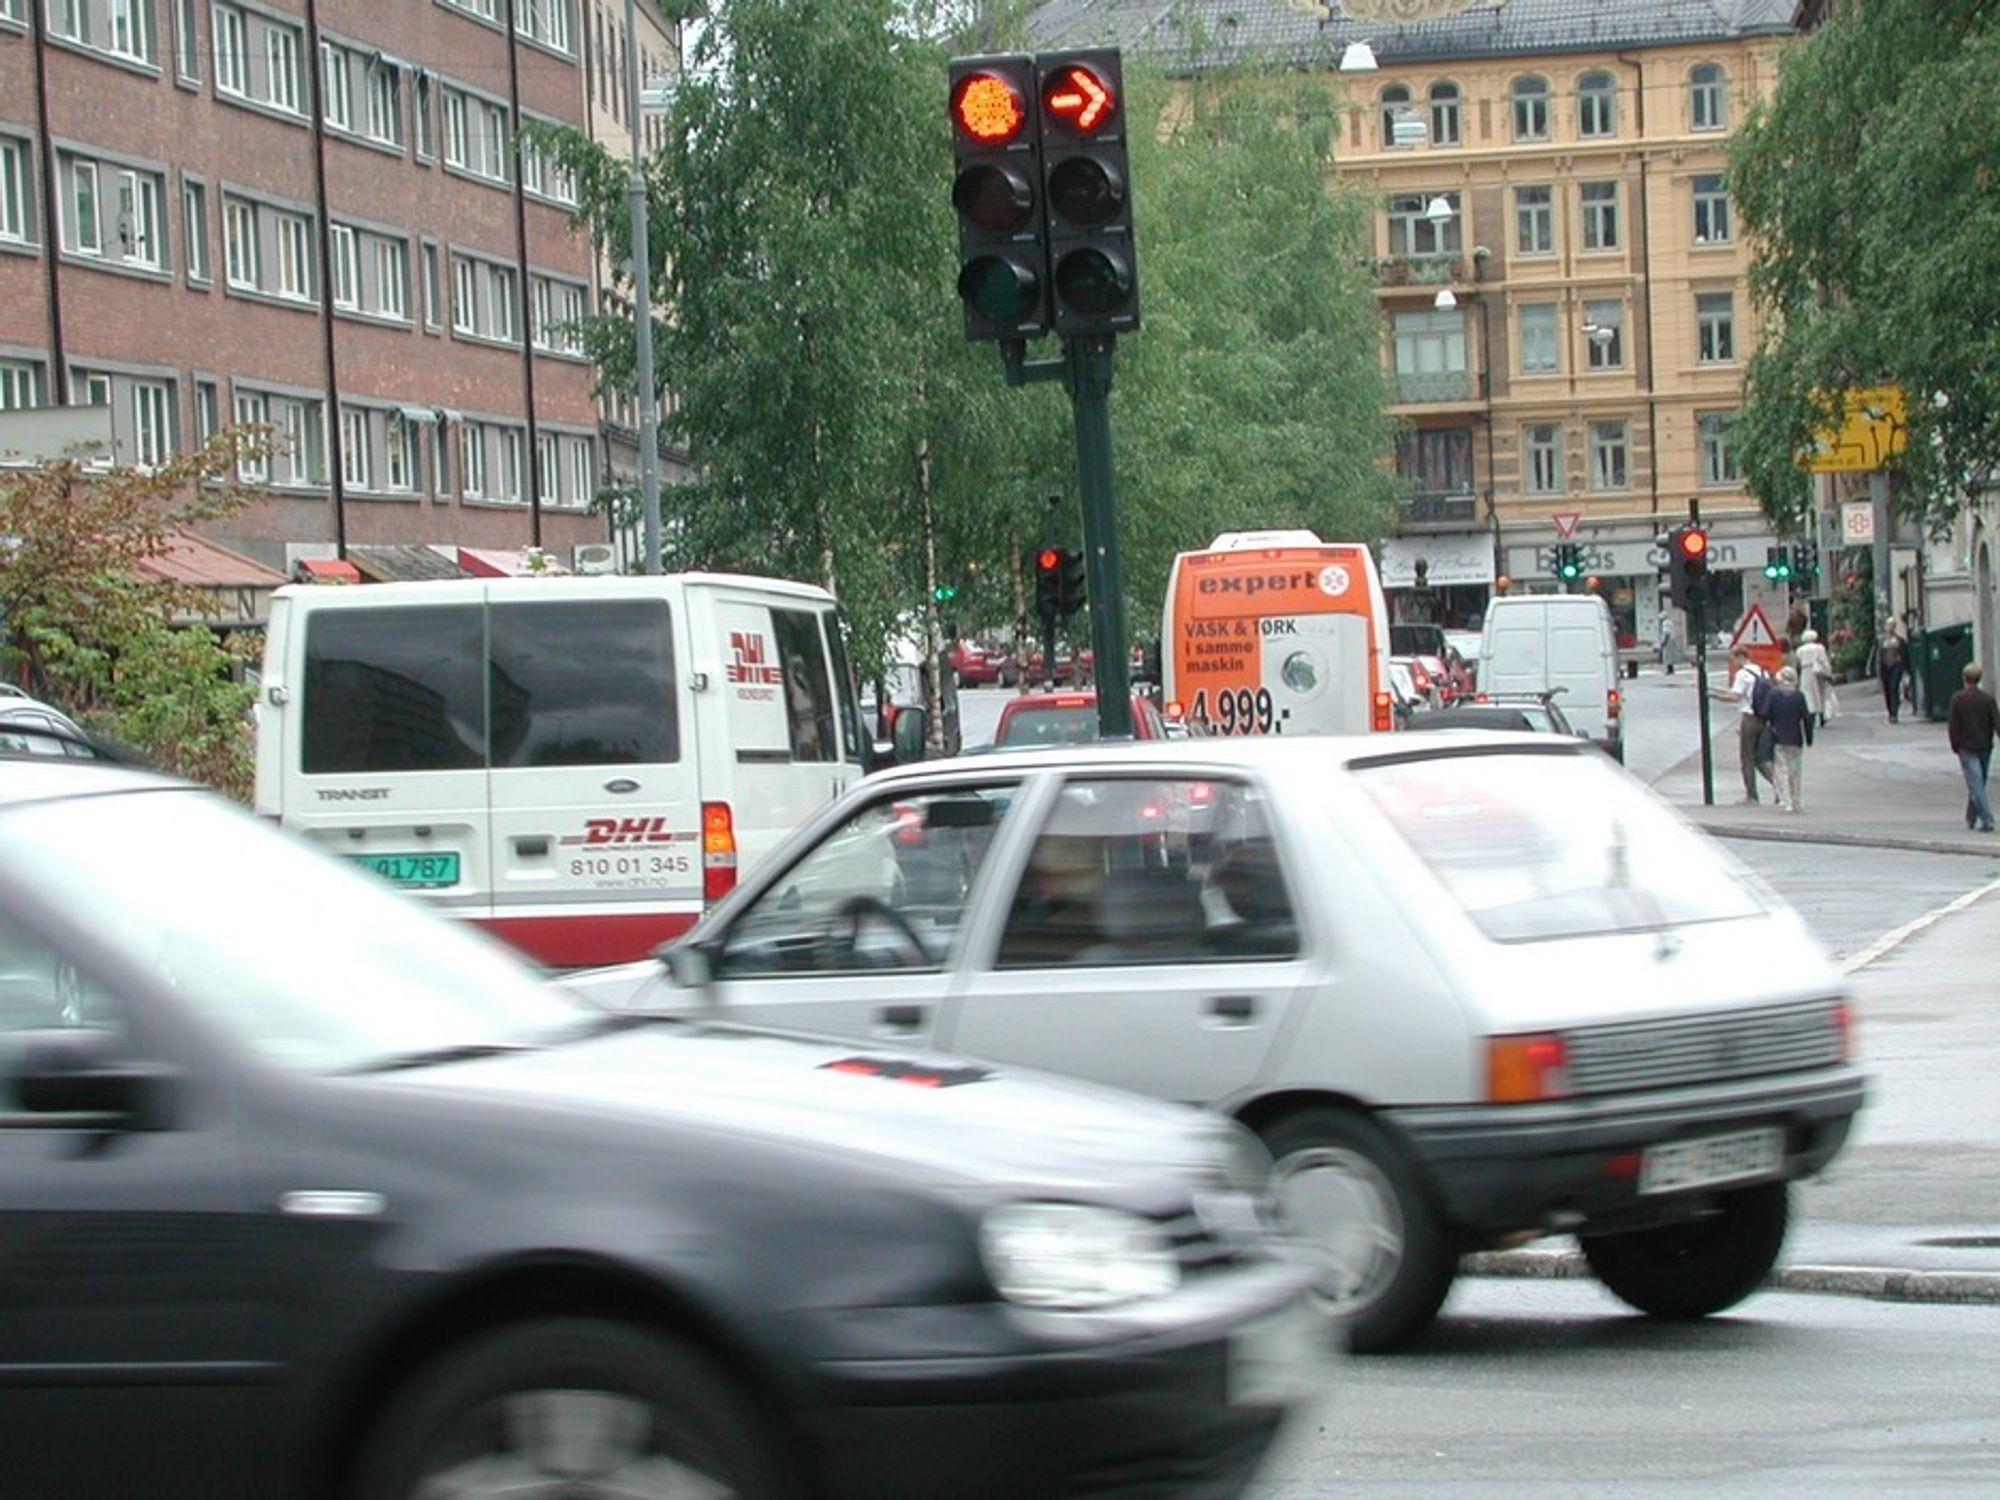 TRAFIKKSIKKERHET: Ulykkesstatistikken vil gå ned med nyere bilpark mener Sintef-forsker.